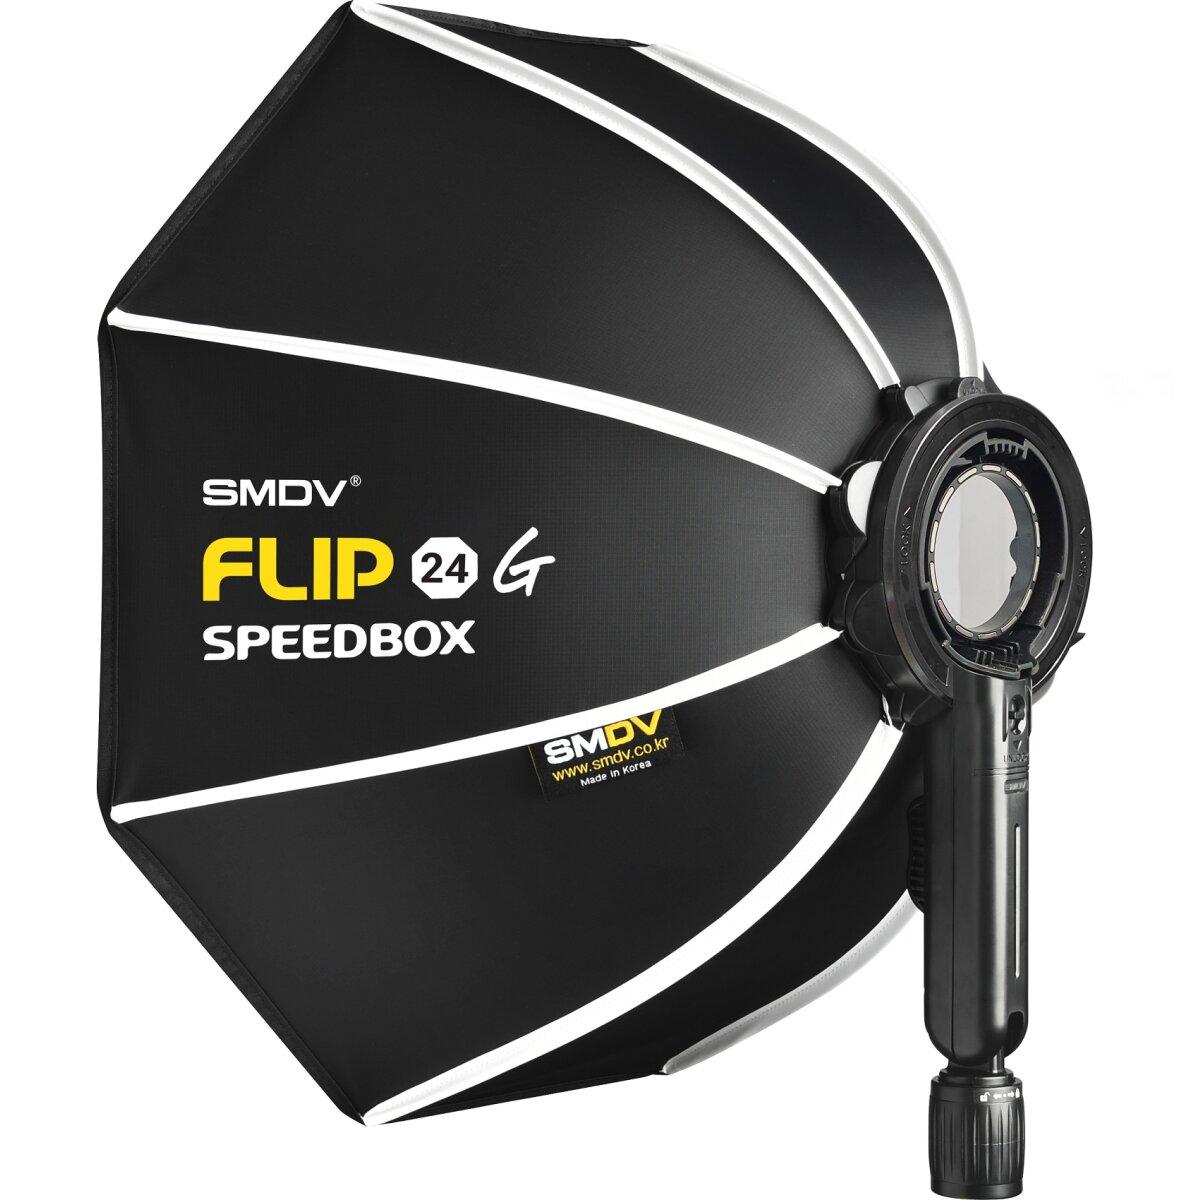 Impulsfoto SMDV Innovative Softbox Speedbox-Flip24 - 60 cm | Erste Klappbare Softbox der Welt | 525 x 130 mm | Winkel Verstellbar | Mit Adapter für Profoto A1